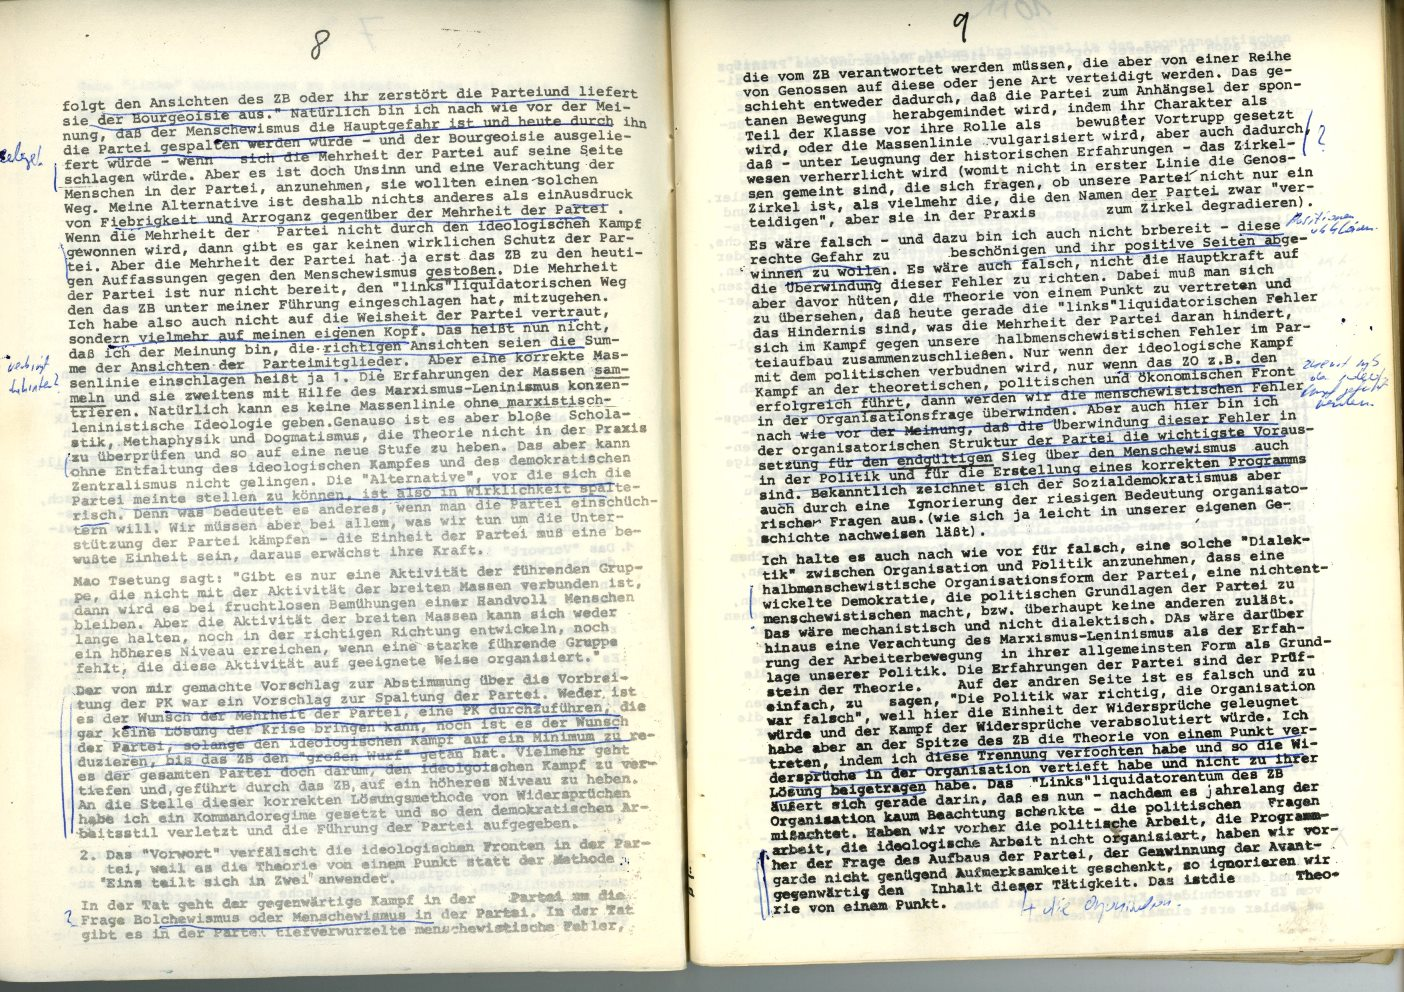 ZB_1972_Diskussionsorgan_zur_ersten_Parteikonferenz_06